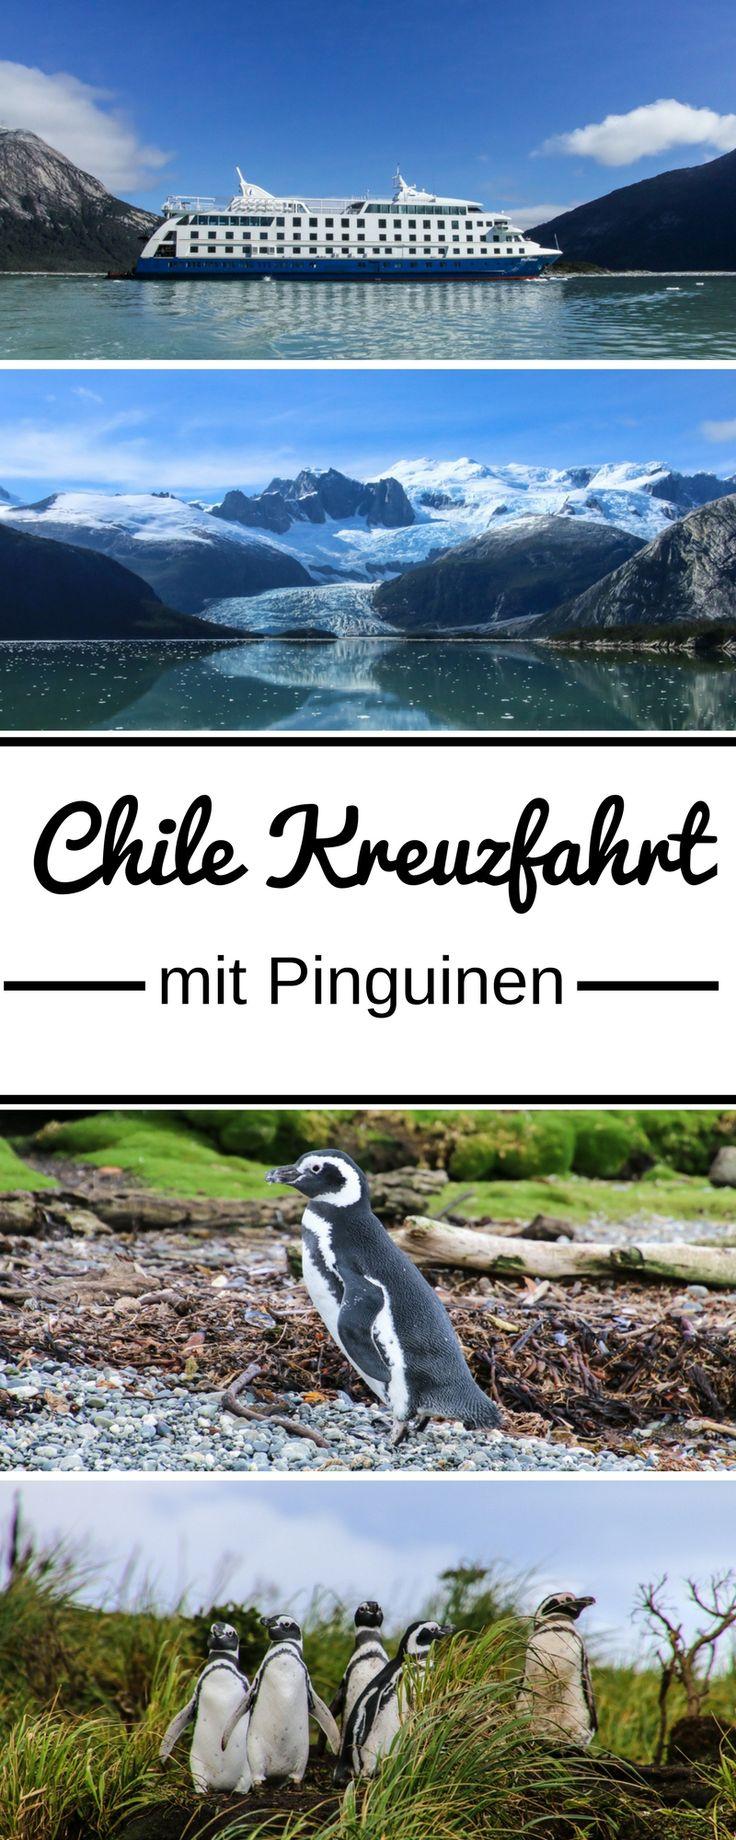 Gletscher, Fjorde, Wale, Delfine und Pinguine sah ich auf meiner Chile Kreuzfahrt. Mit der Stella Australis entdeckte ich in fünf Tagen Patagonien, Feuerland und Kap Hoorn. Ich zeige euch im Artikel die Highlights der Kreuzfahrt, gebe Tipps für die Reise und für das Reisegepäck.